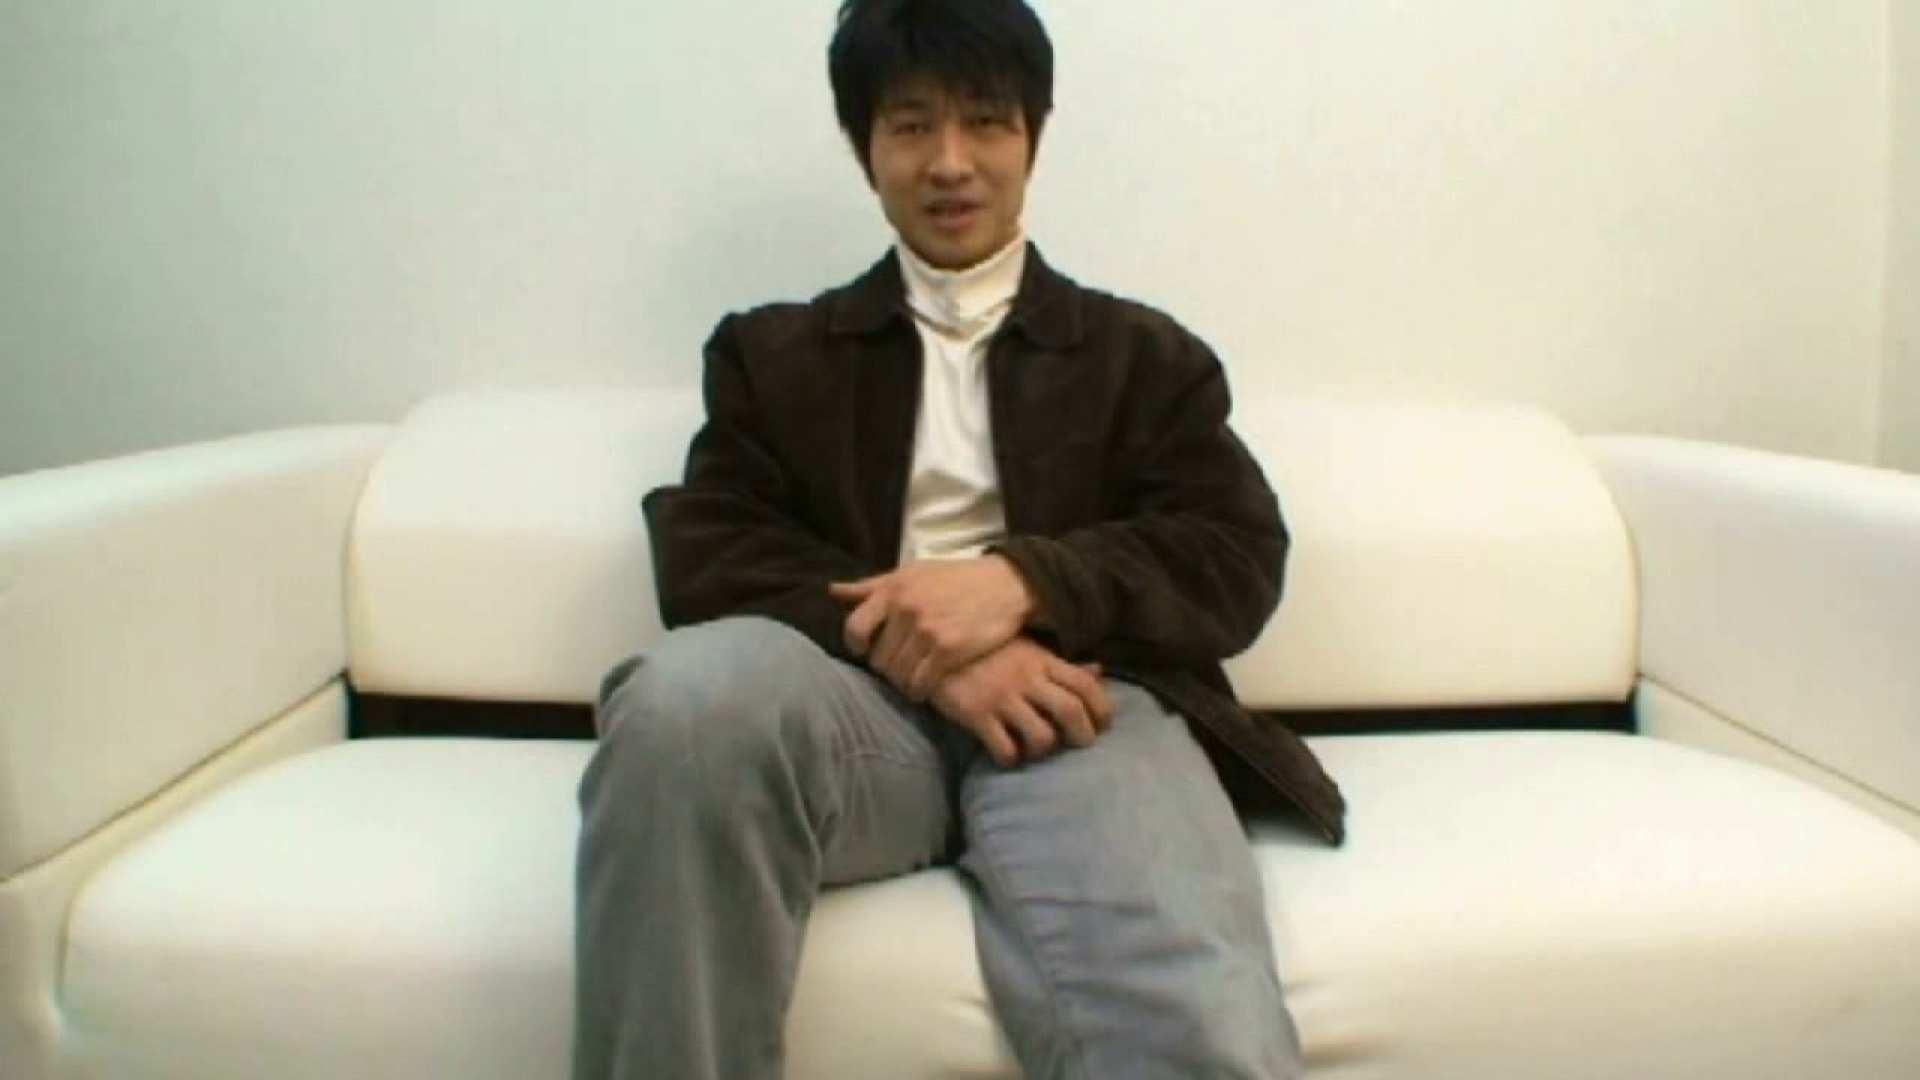 ノンケ!自慰スタジオ No.15 マッチョ男子   自慰動画 亀頭もろ画像 10連発 1